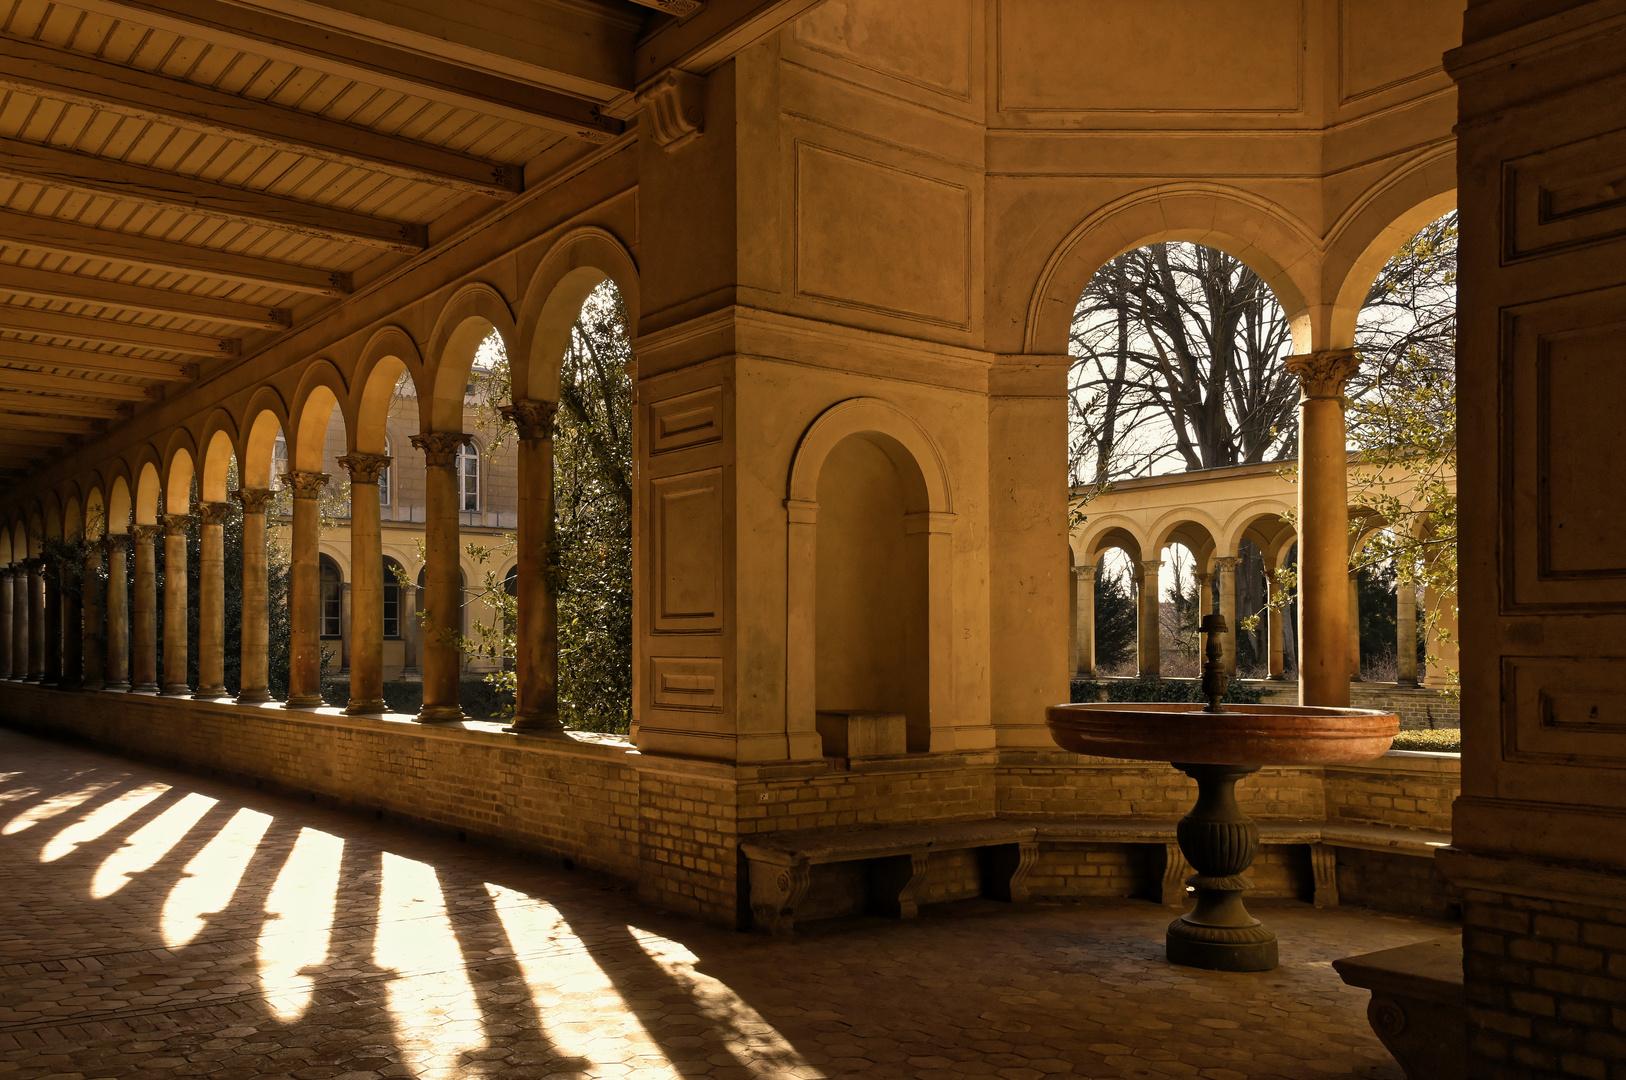 Das ewige Licht.....  - Potsdam Schlösser und Paläste -